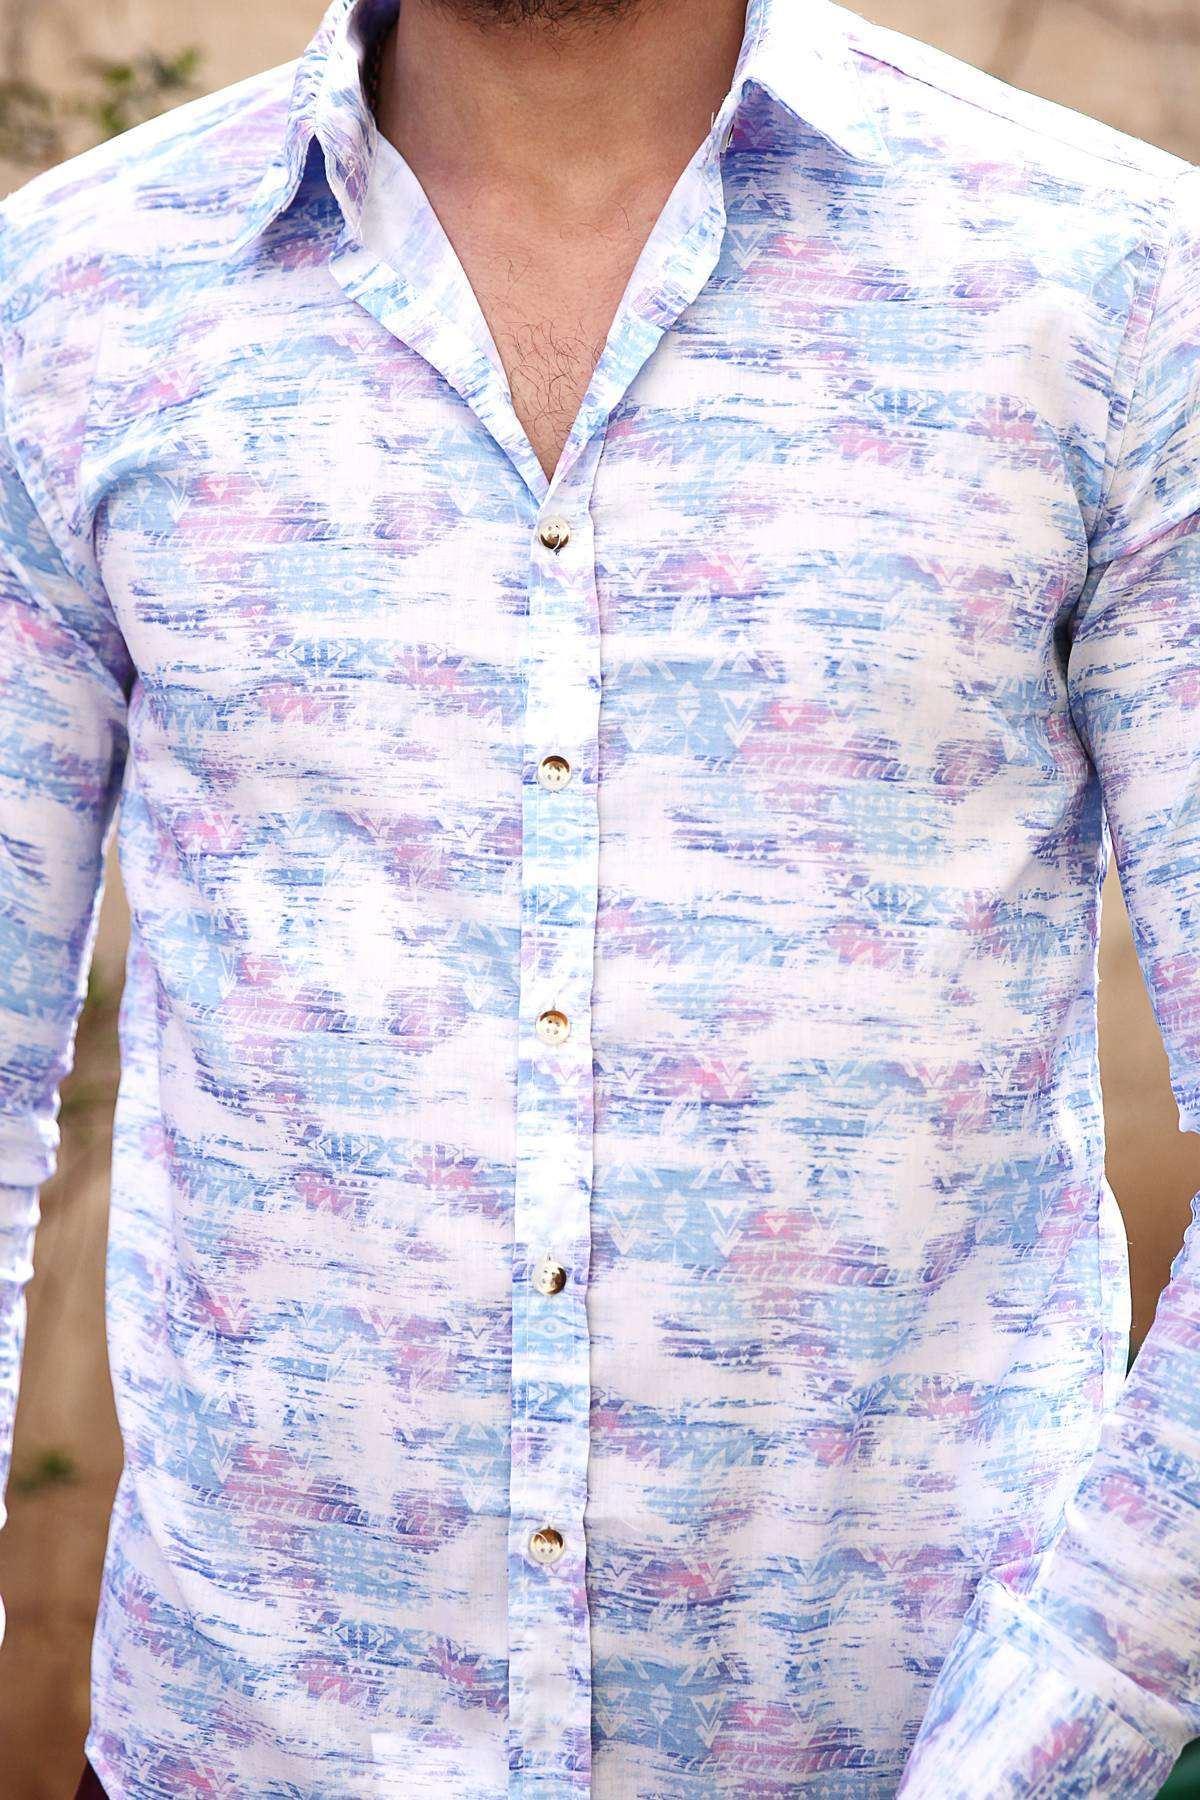 Üçgen Baskı Desenli Dijital Slim Fit Gömlek Beyaz-Mavi